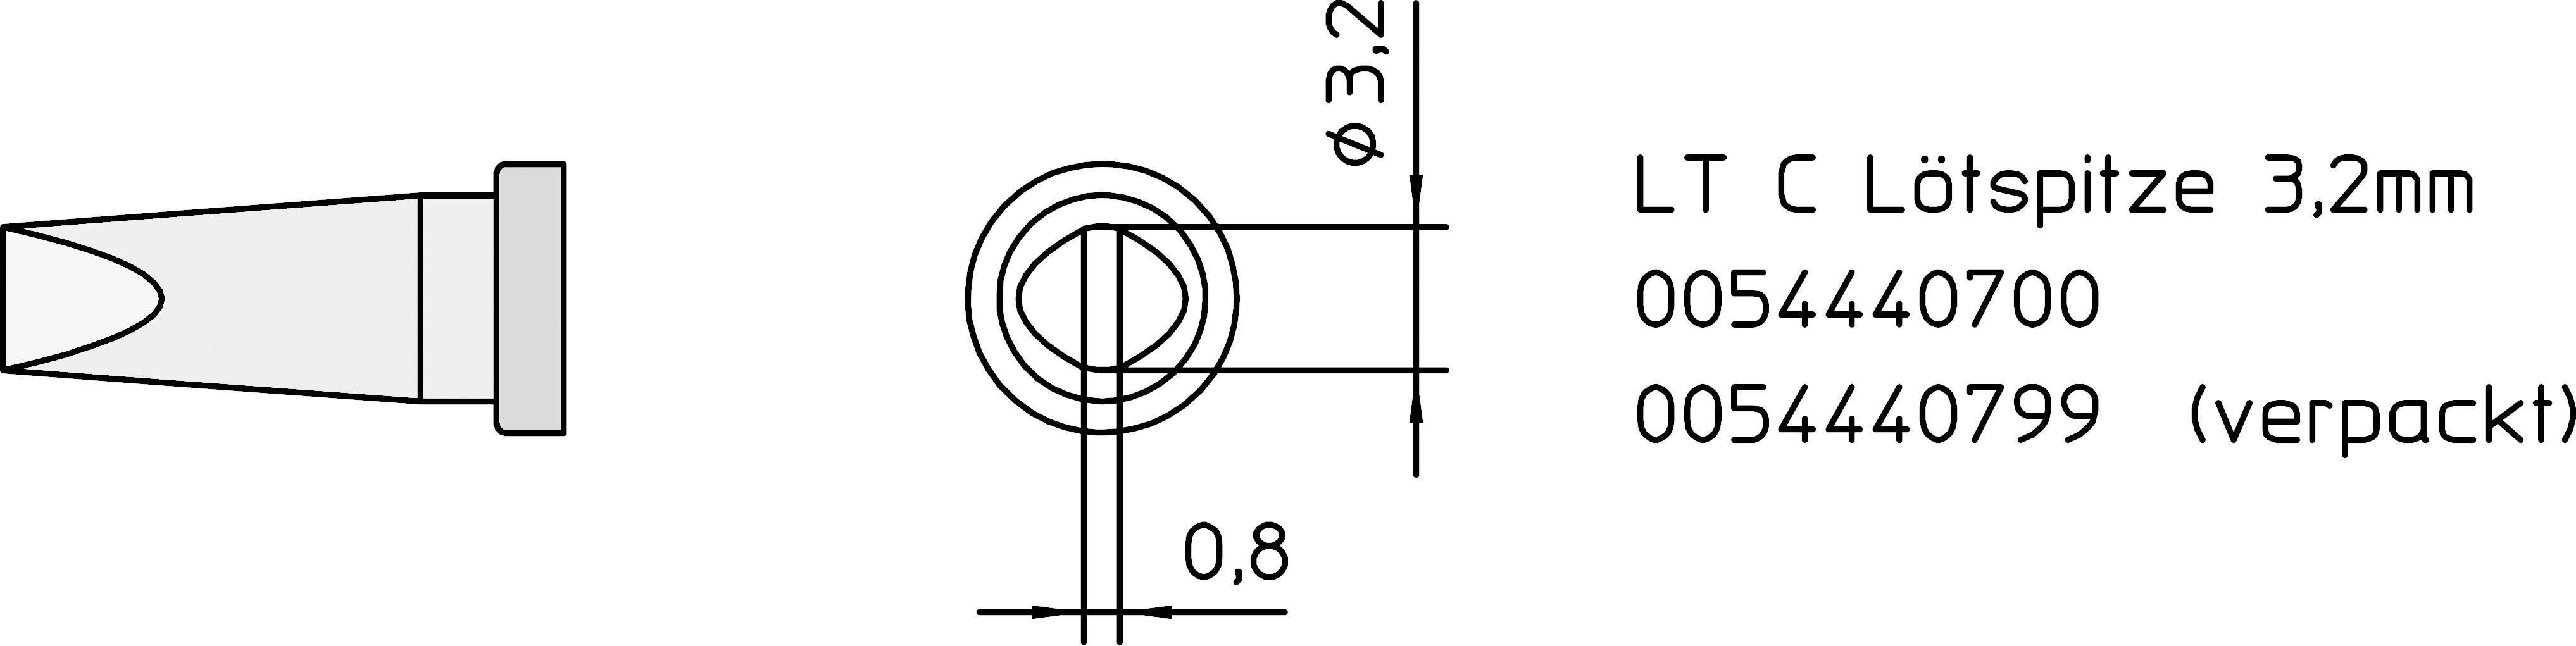 Spájkovací hrot dlátová forma, rovná Weller Professional LT-C, velikost hrotu 3.2 mm, 1 ks